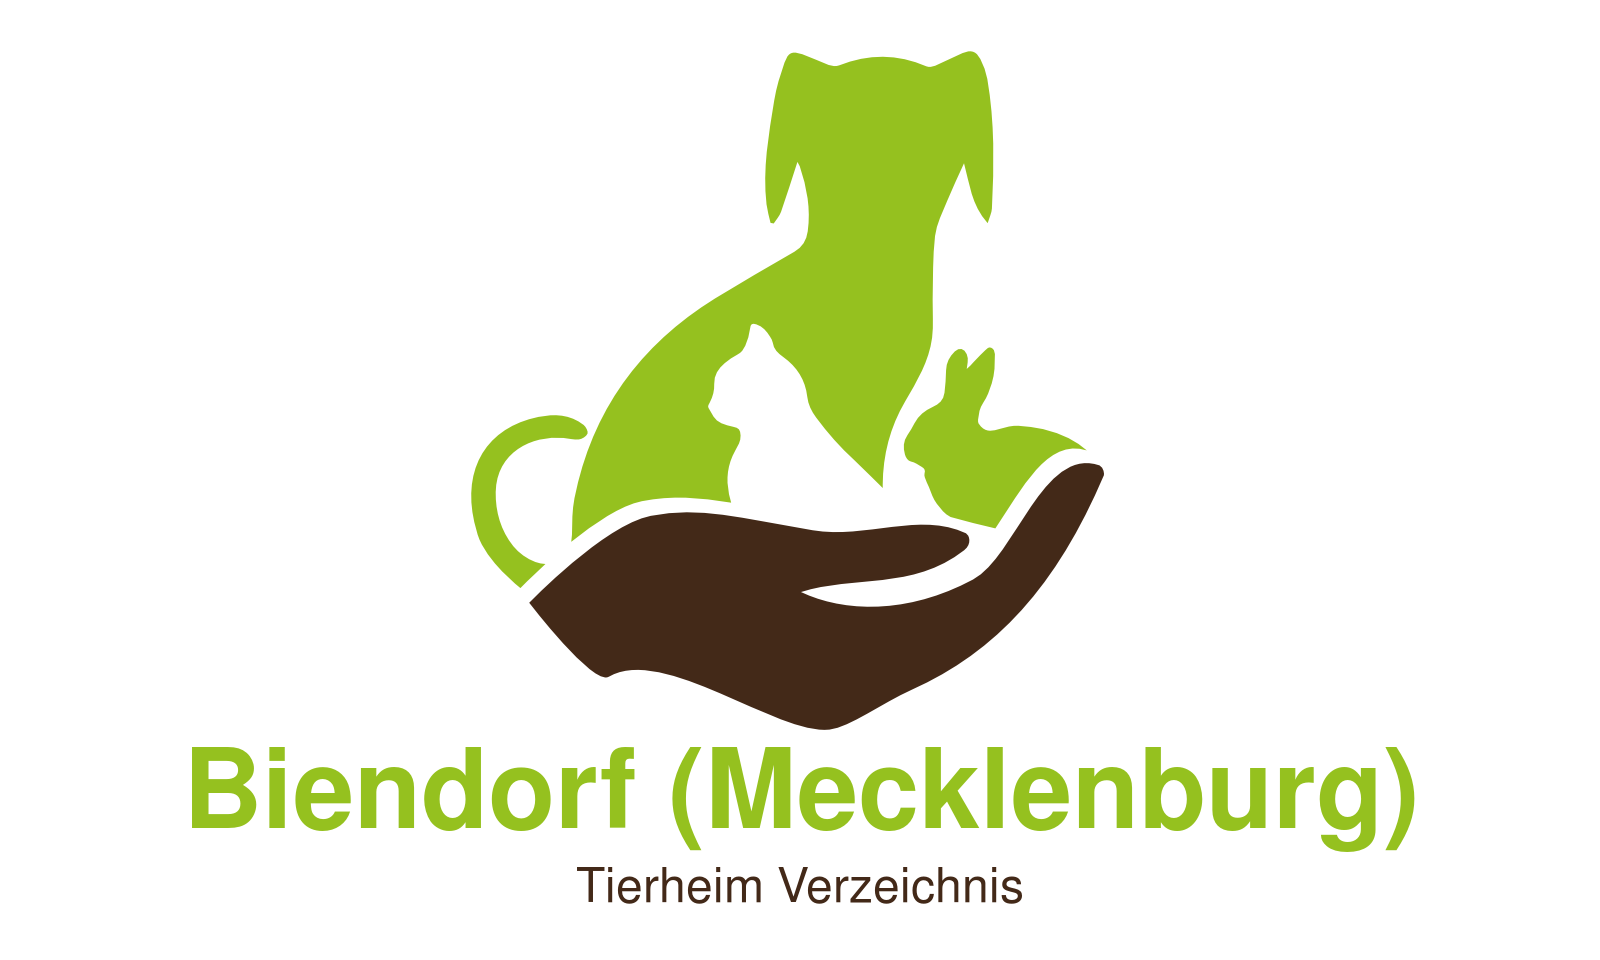 Tierheim Biendorf (Mecklenburg)